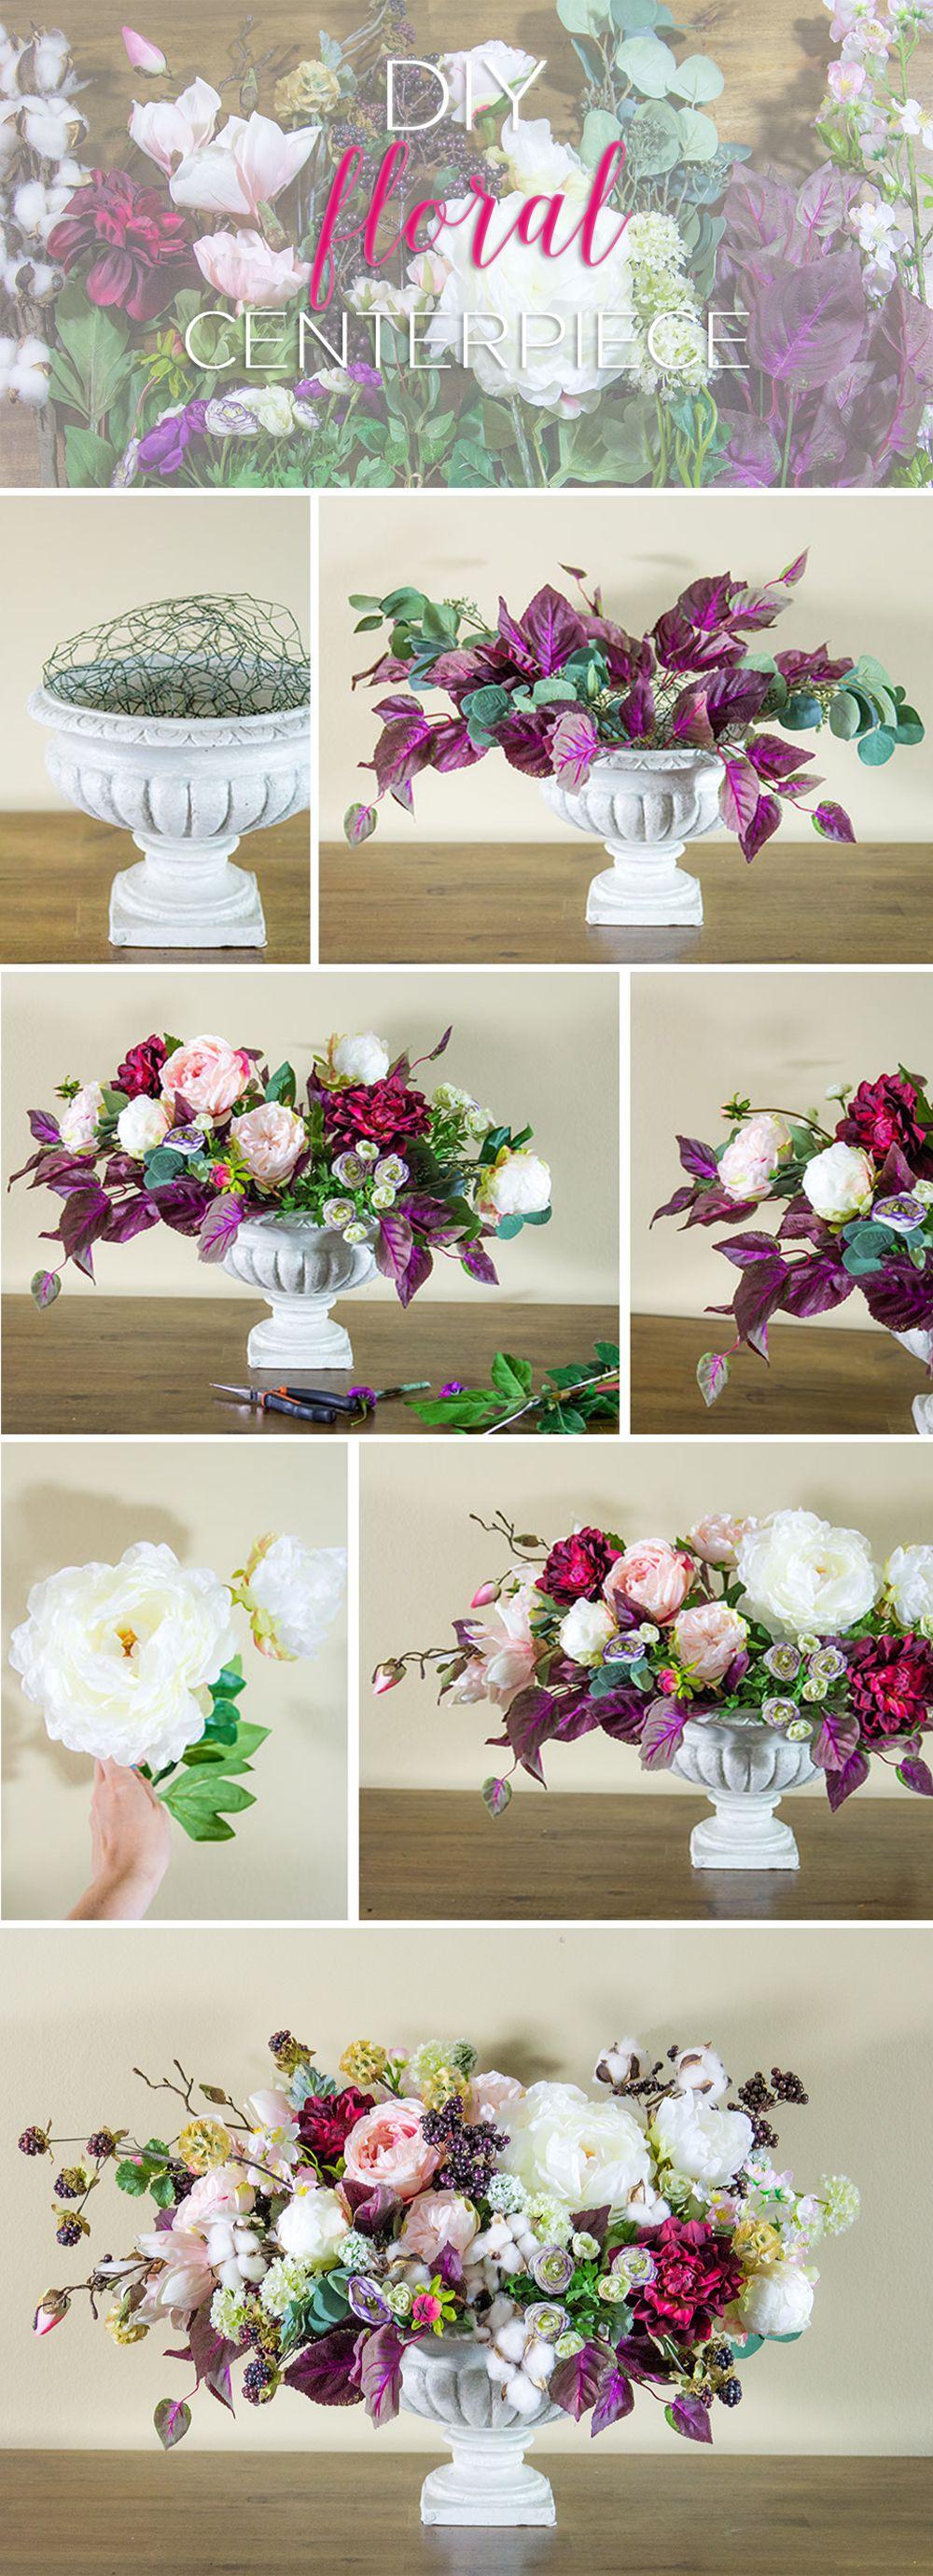 DIY Faux Floral Centerpiece Floral arrangements, Flower